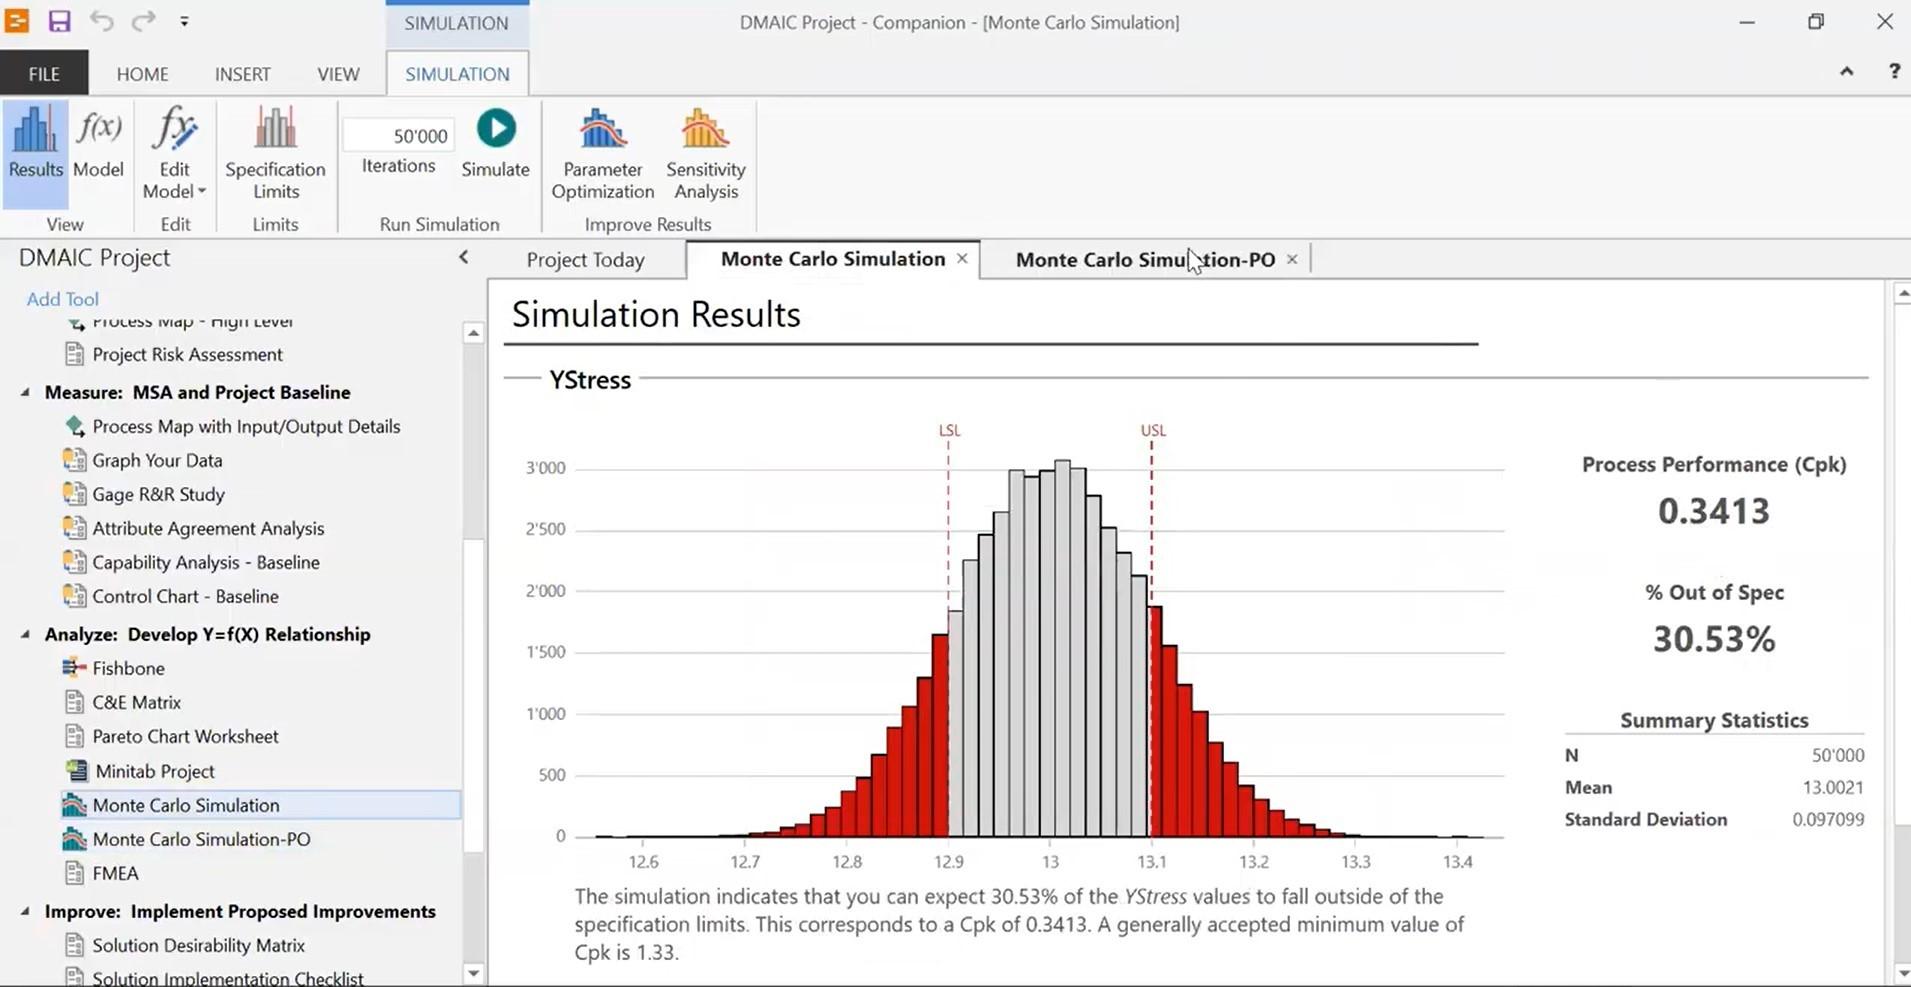 Webinar-Minitab_CbM Webinar | Analisi di processo e simulazioni Monte Carlo con Minitab & Companion